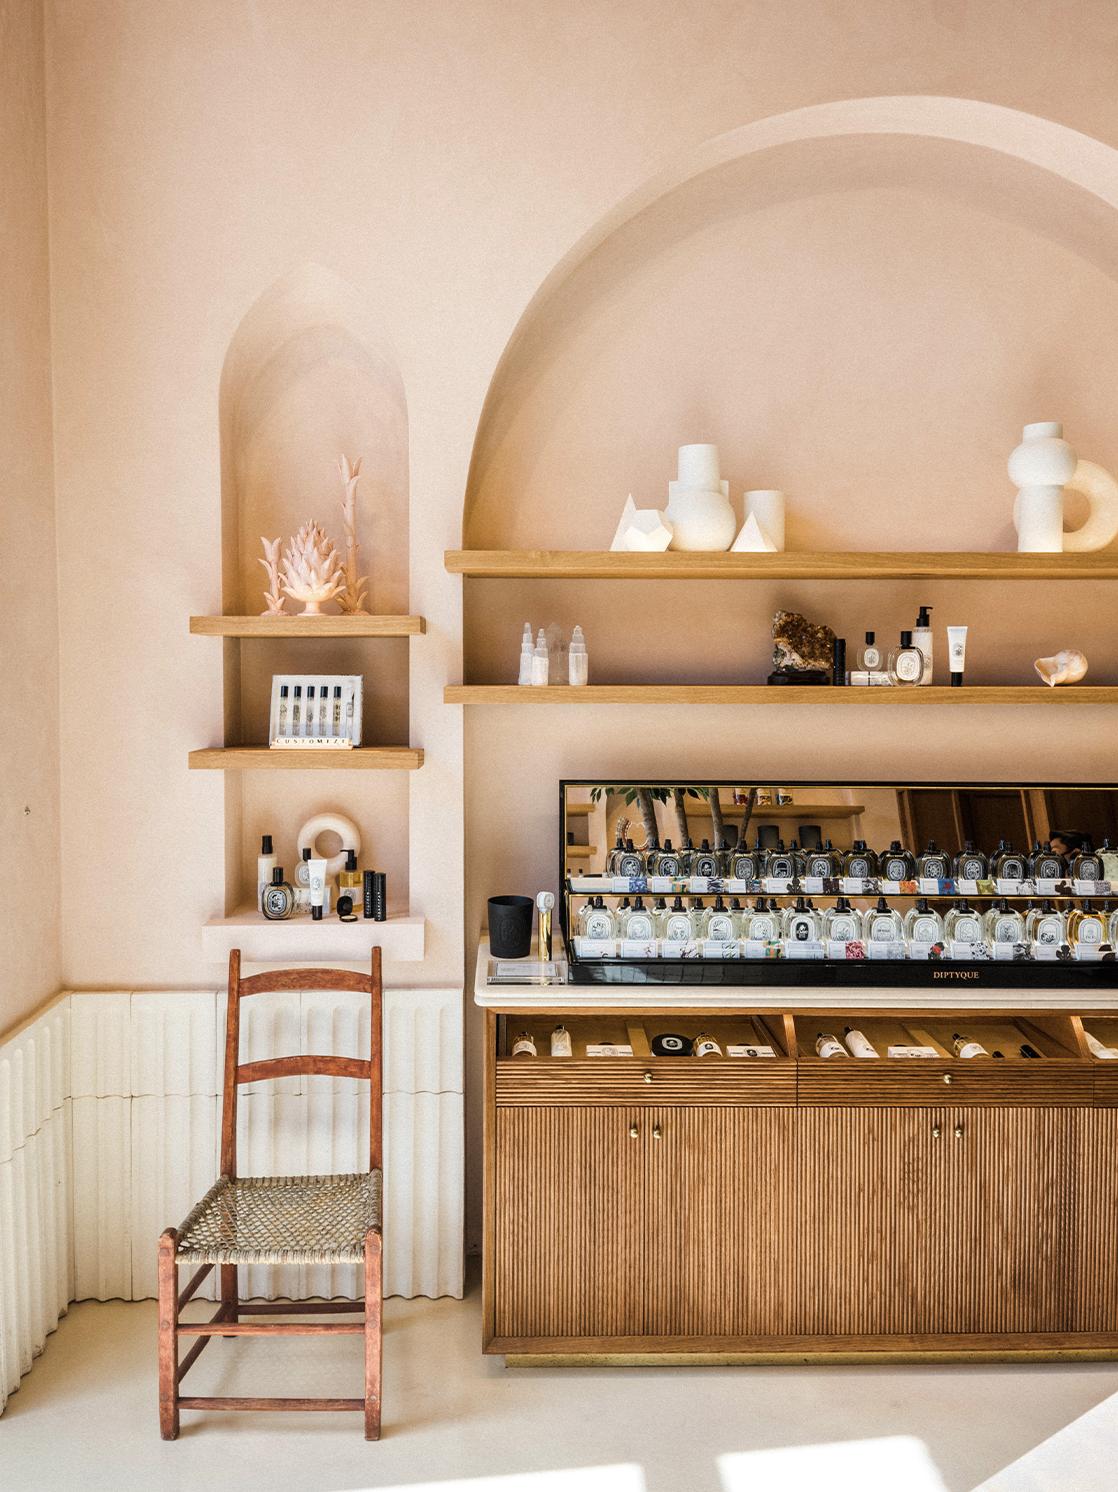 beauty product shelves